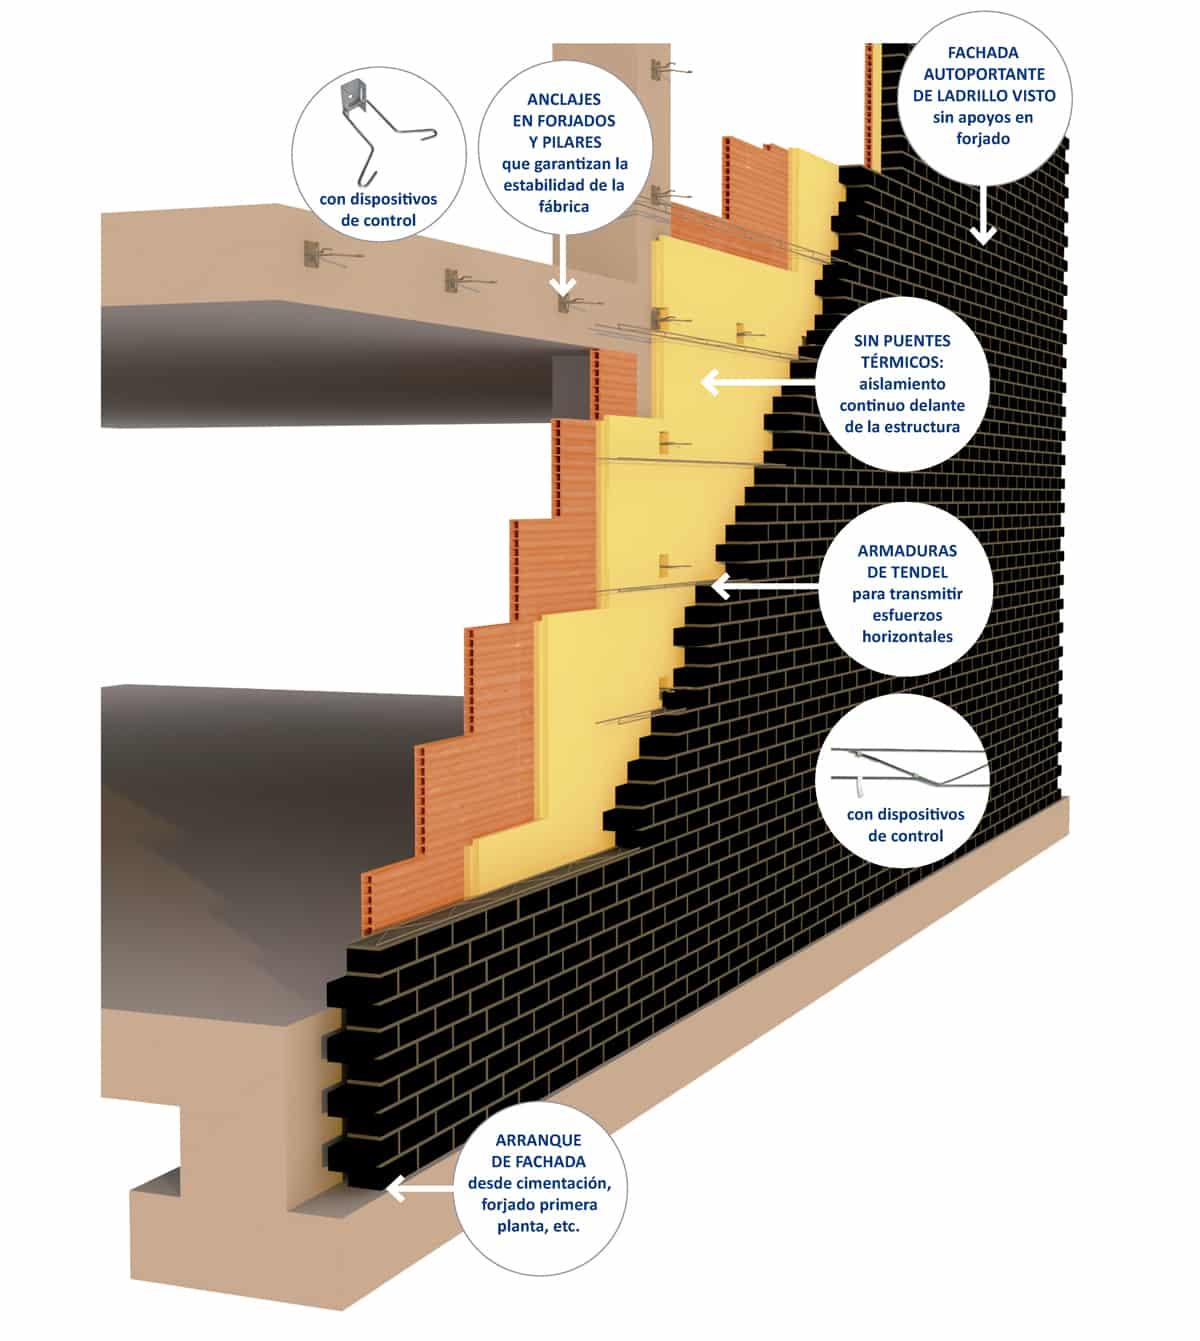 Structura fachada autoportante de ladrillo cara vista para cumplir el cte indunova - Dimensiones ladrillo cara vista ...